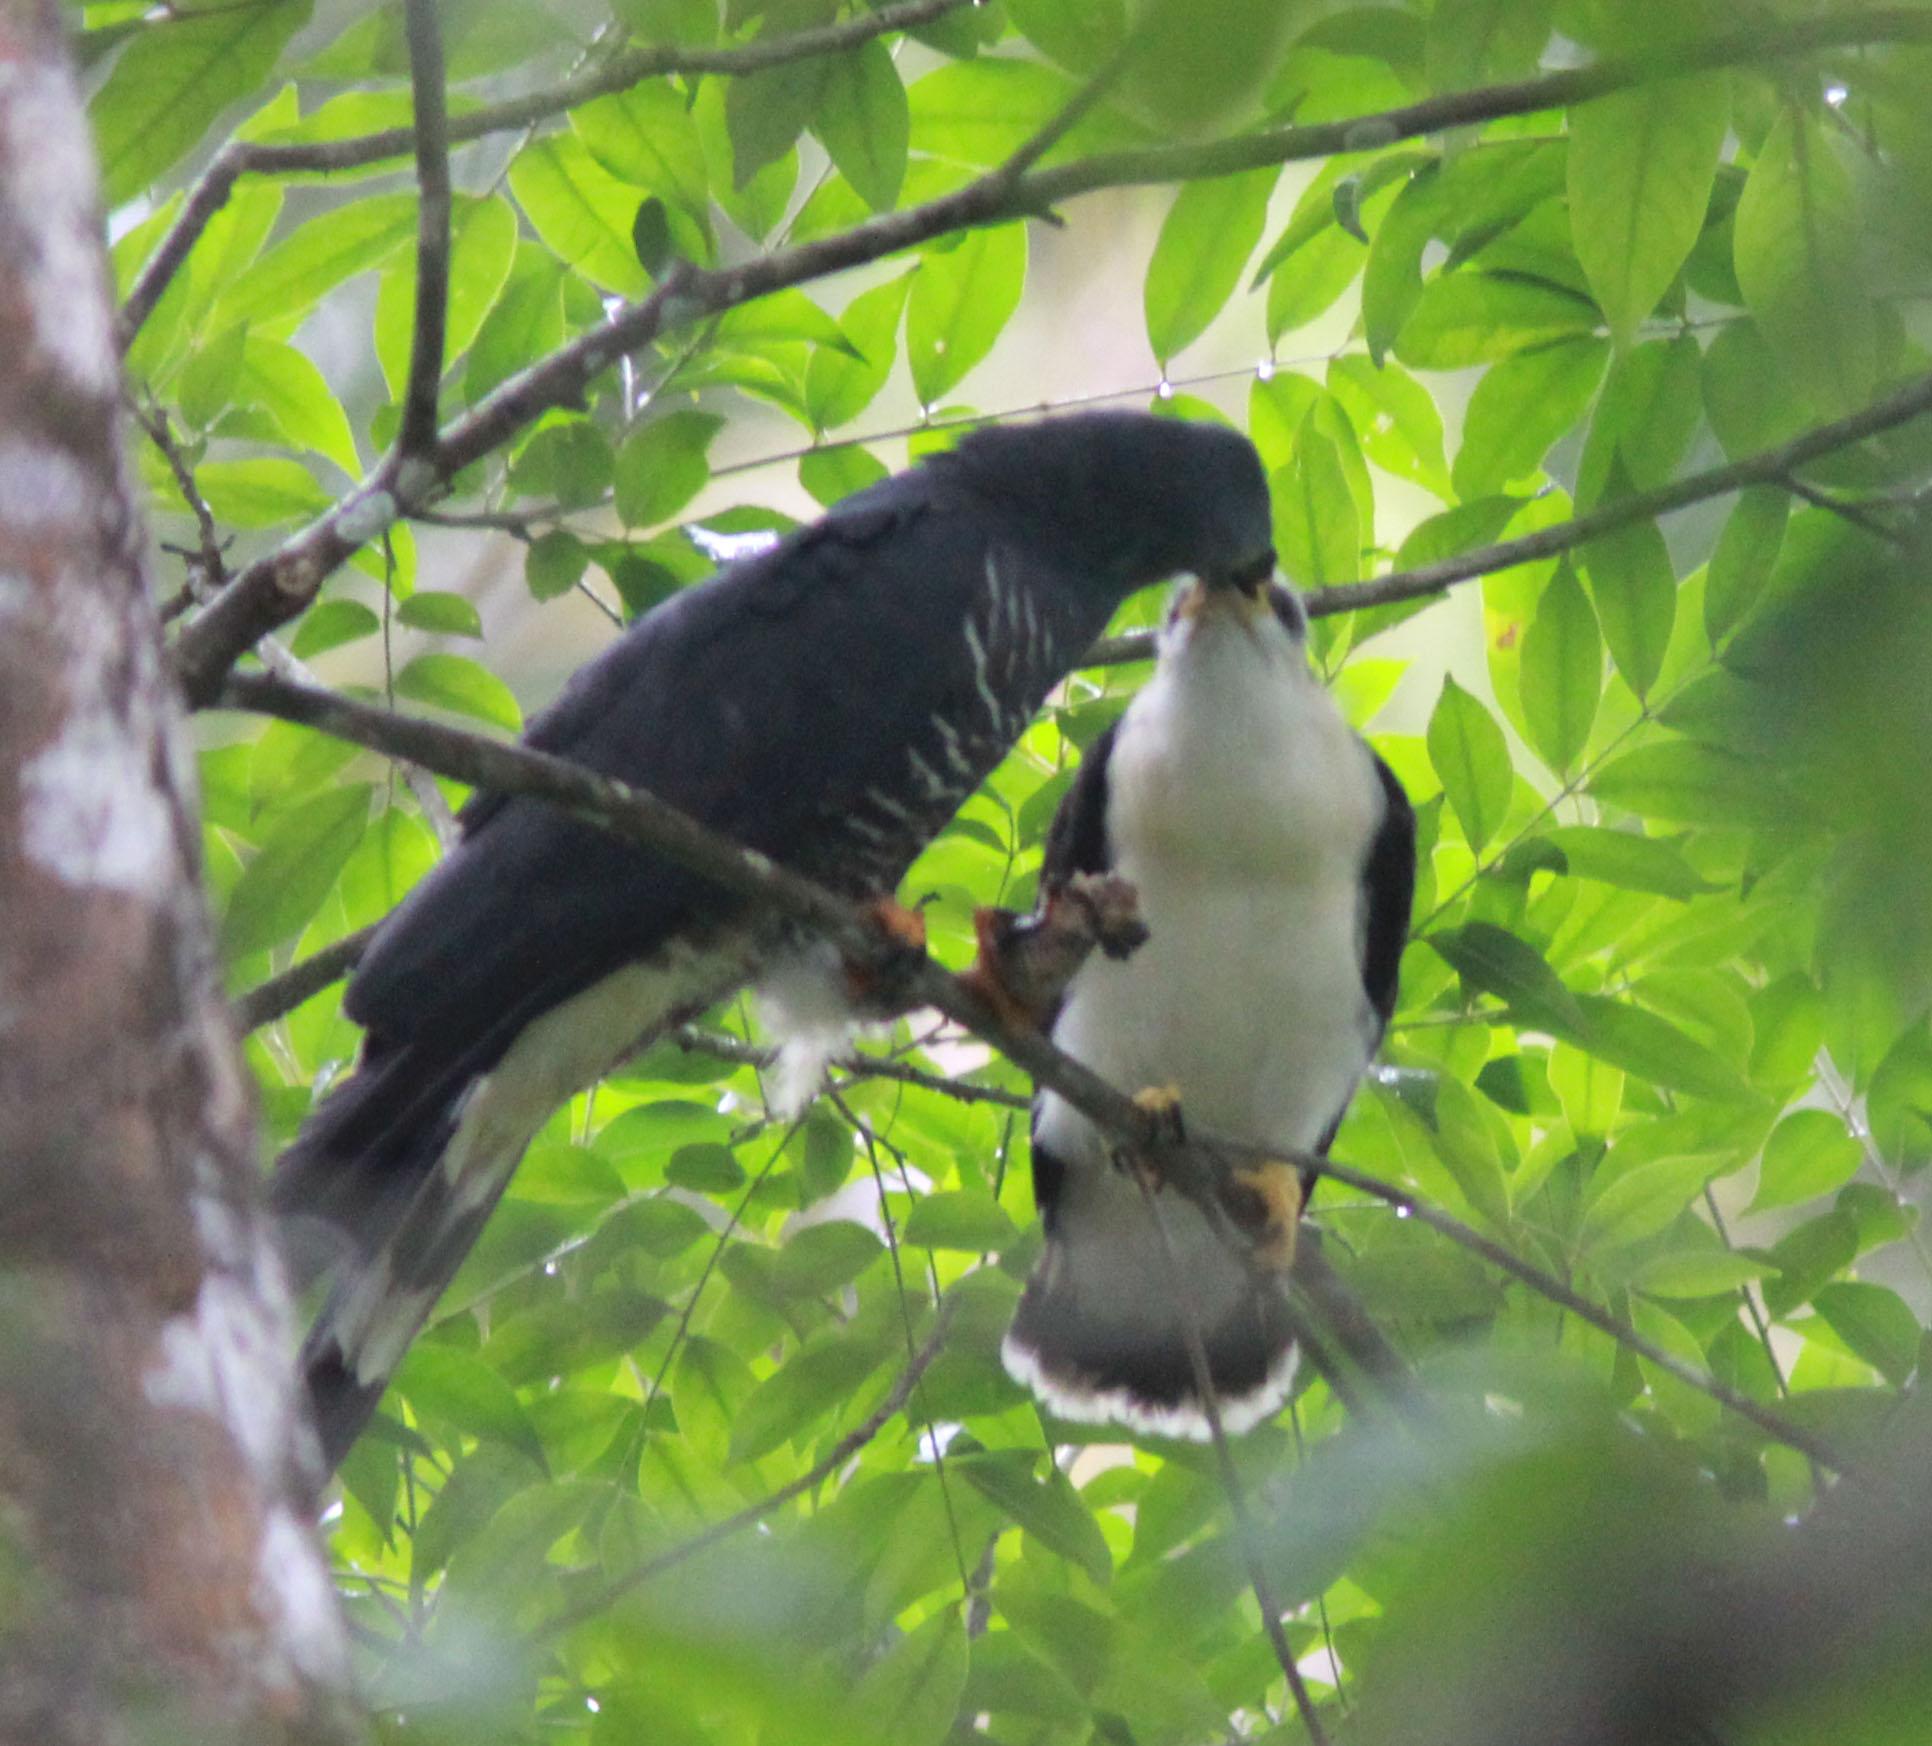 HBKI nest2 male feeding fledgling 2014.jpg